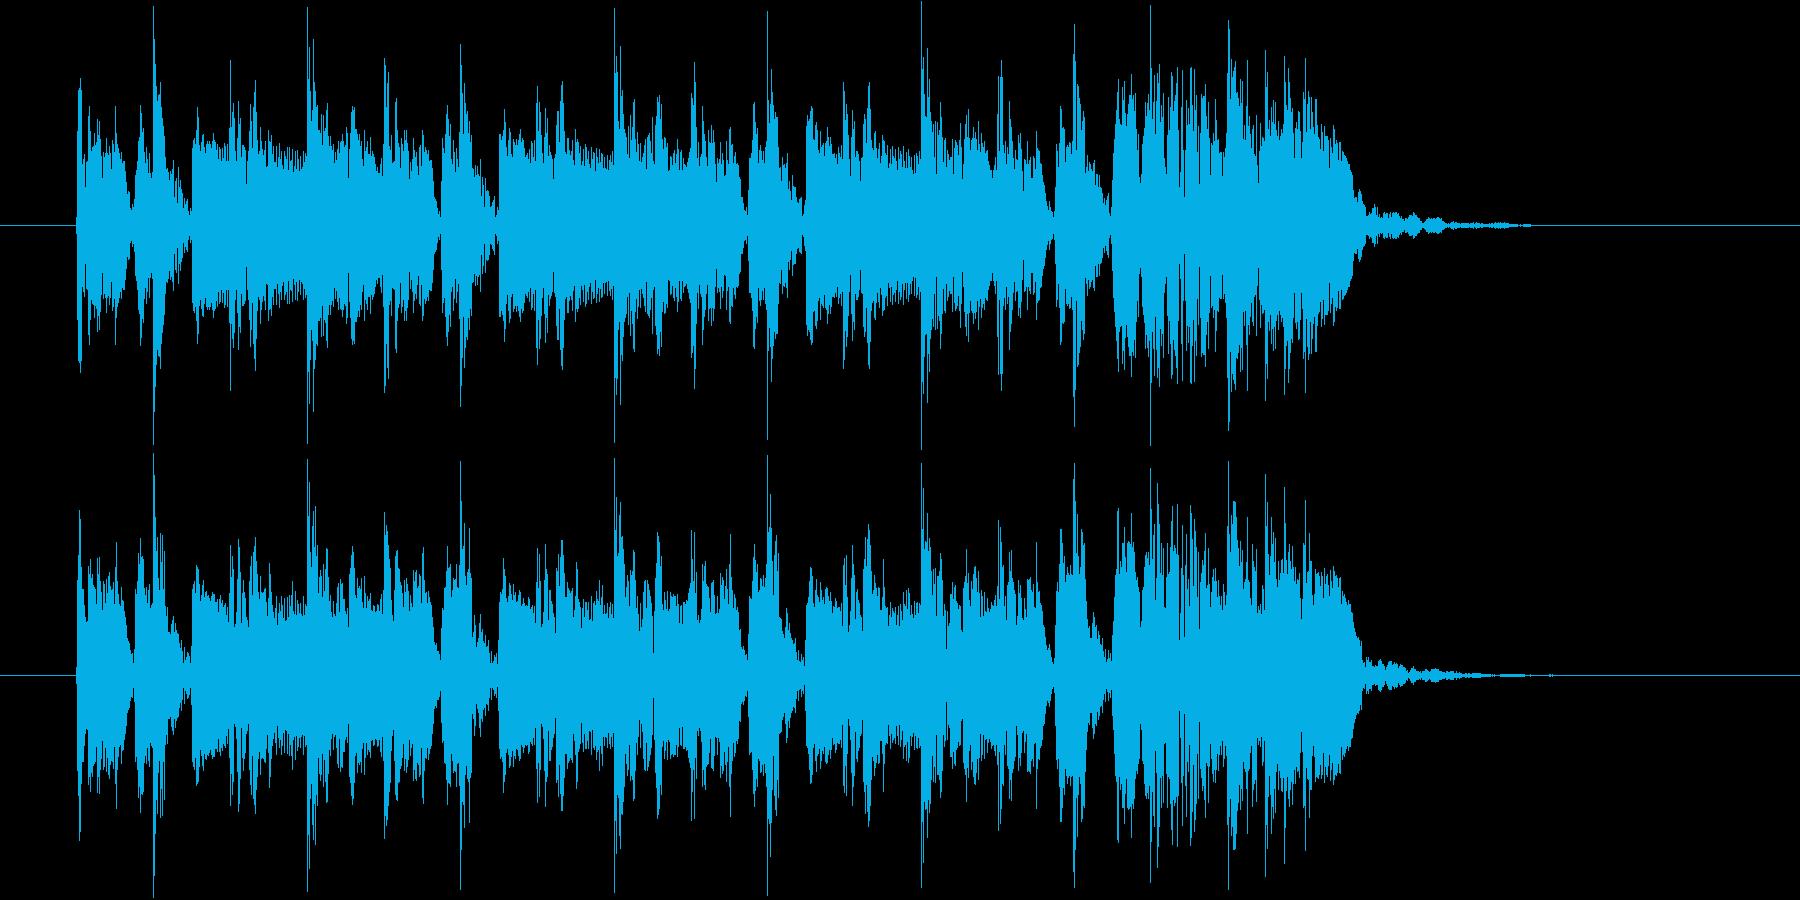 かわいらしくスピーディーな曲の再生済みの波形